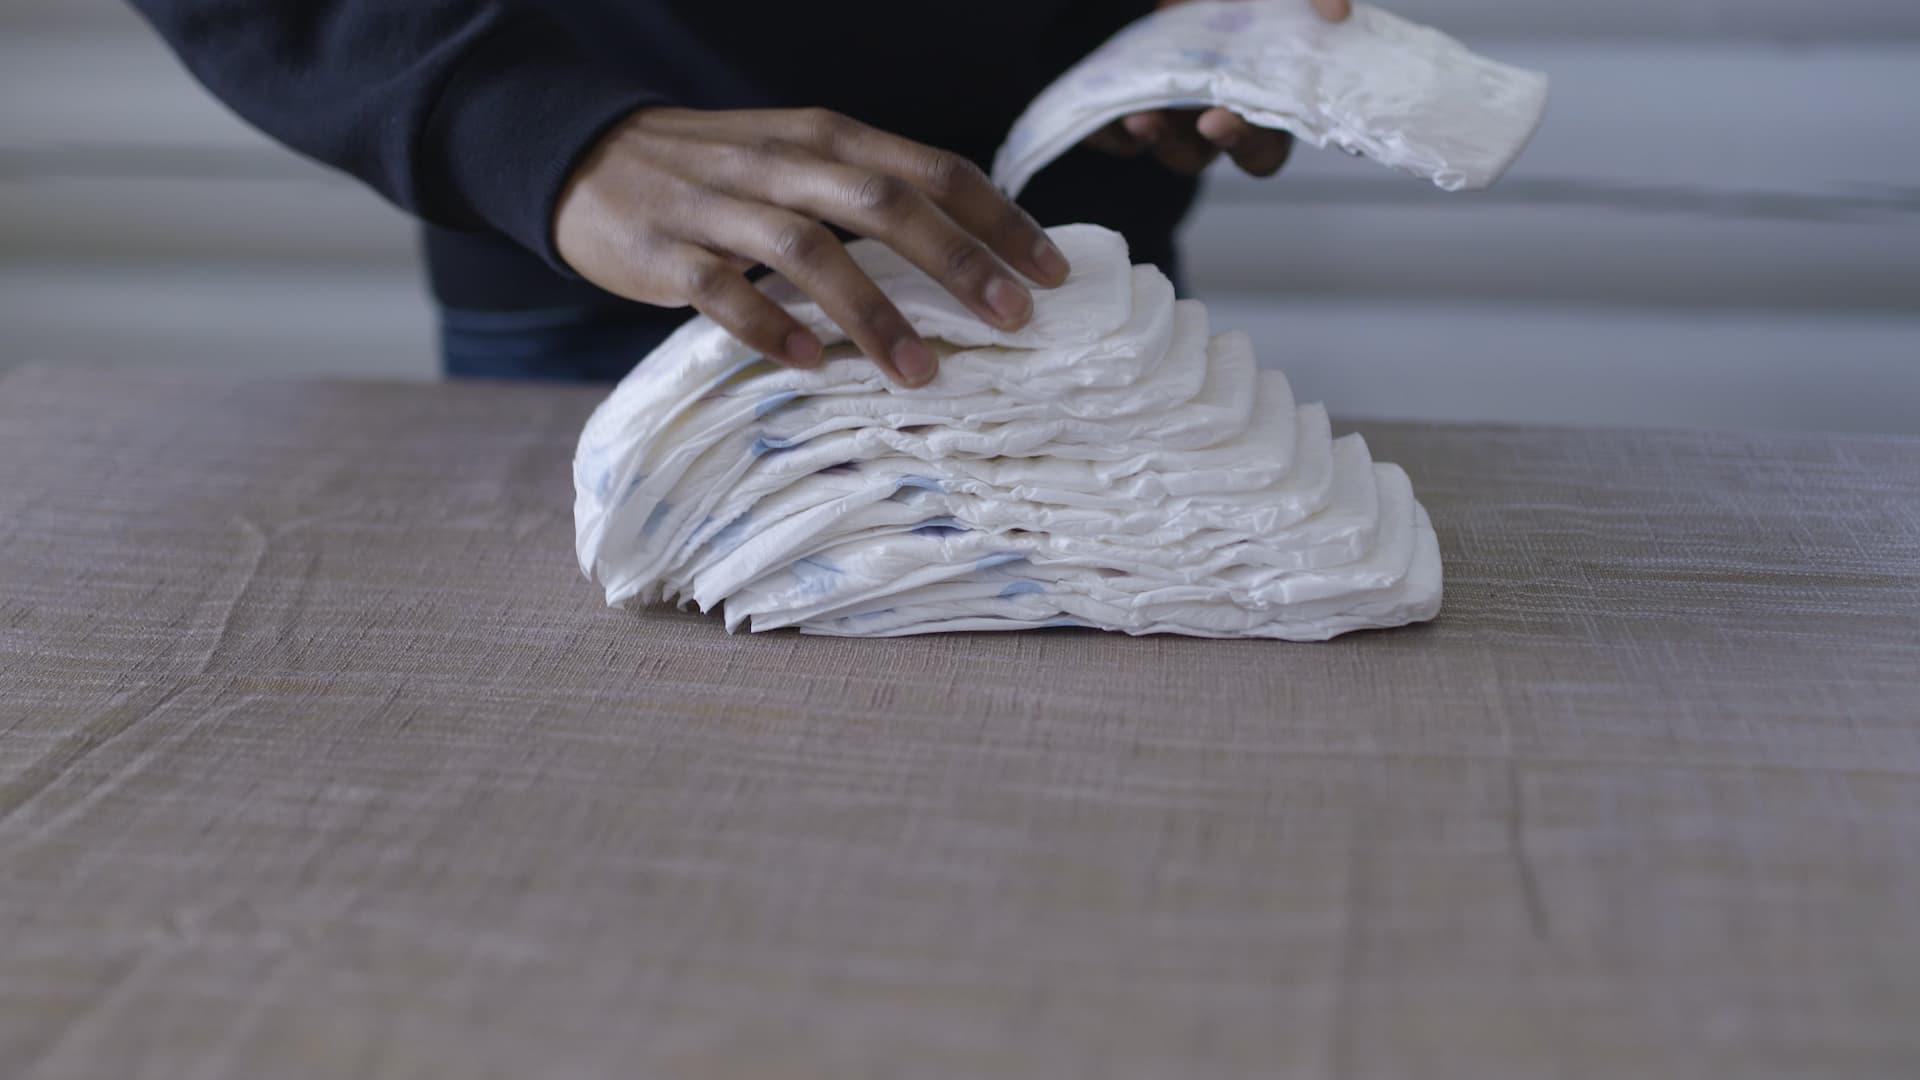 Legg 15 bleier over hverandre. Hver bleie skal ligge 1-2 cm lenger bak enn den forrige.